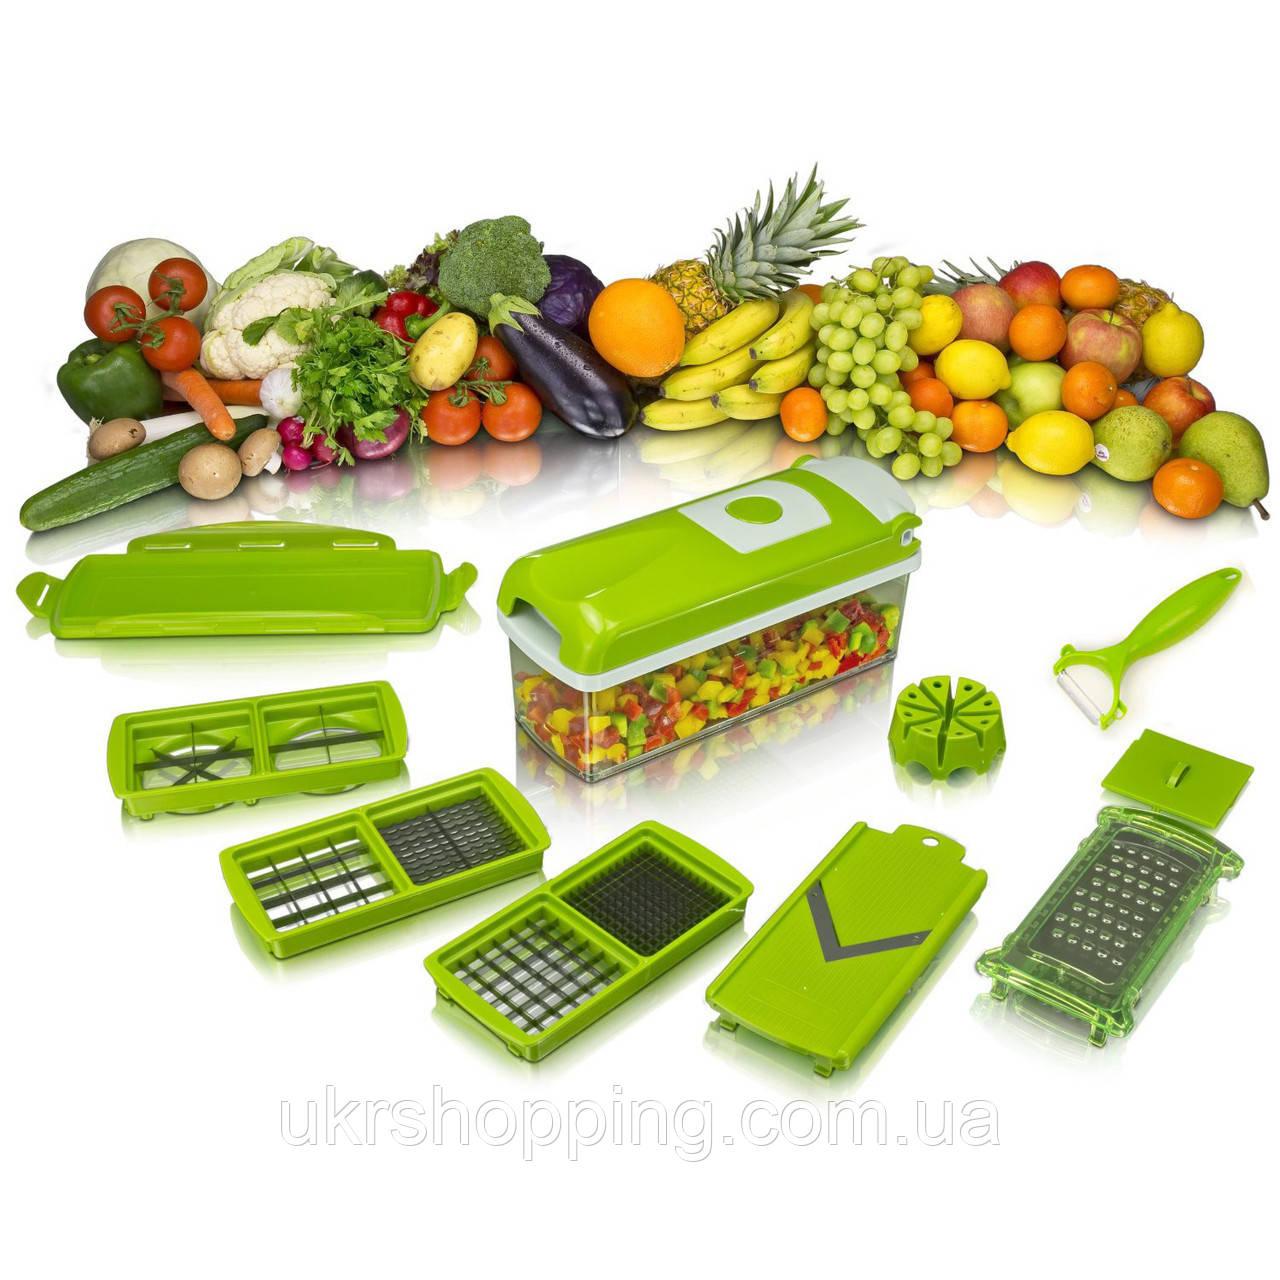 ✅ Многофункциональная овощерезка, слайсер, Nicer Dicer plus, кухонная терка